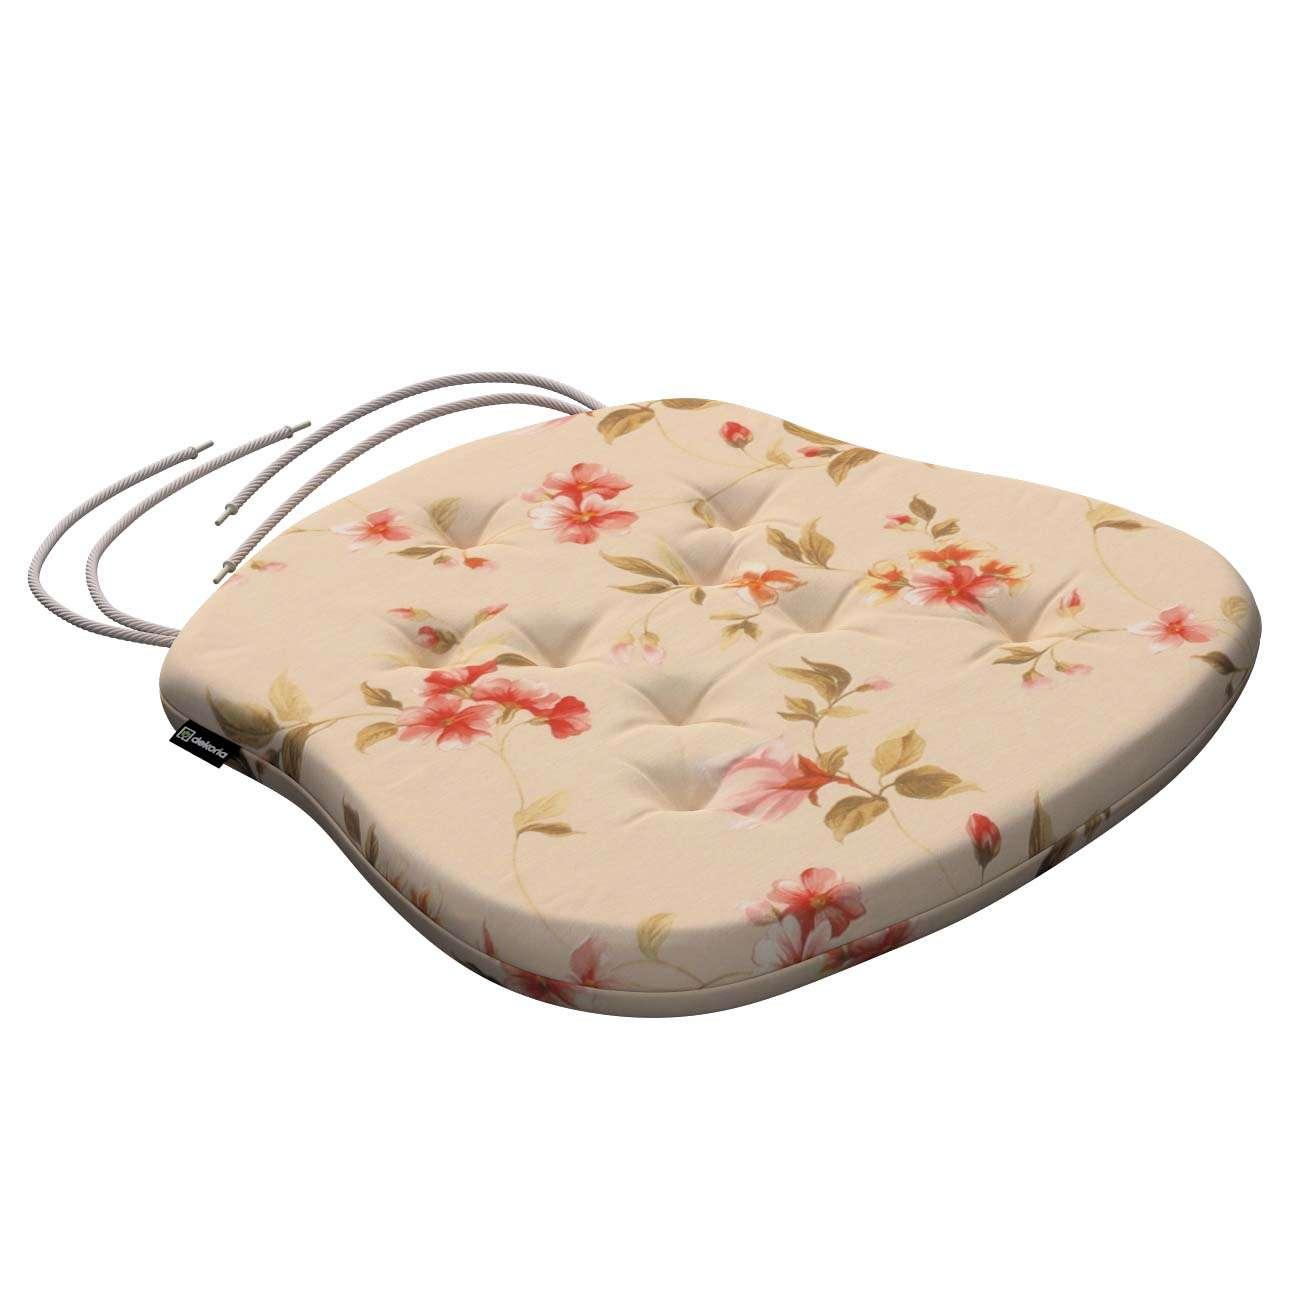 Siedzisko Filip na krzesło 41x38x3,5 cm w kolekcji Londres, tkanina: 124-05